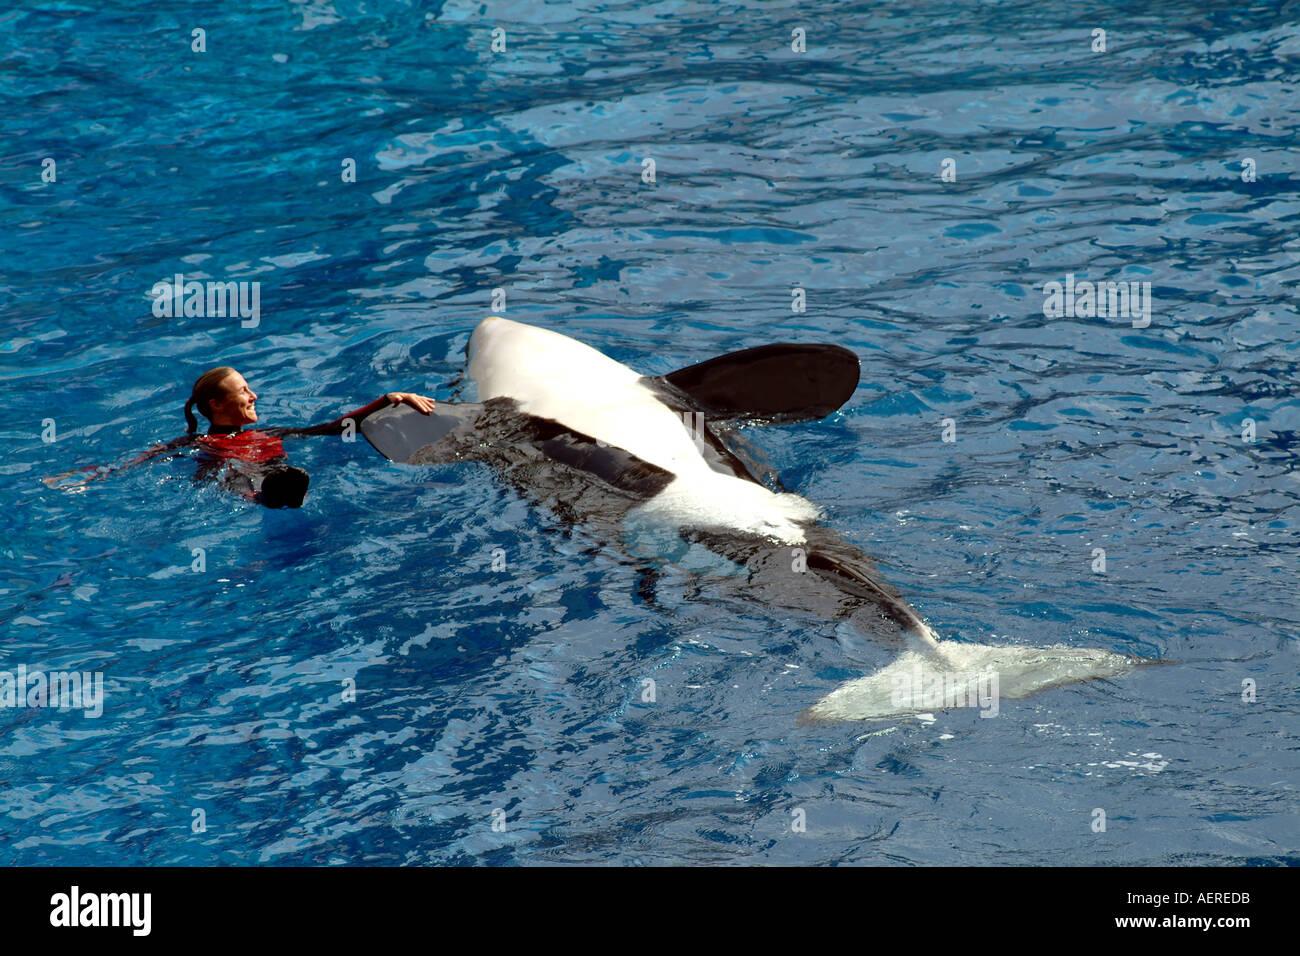 SeaWorld Orlando Florida USA the killer whale Shamu Stadium - Stock Image